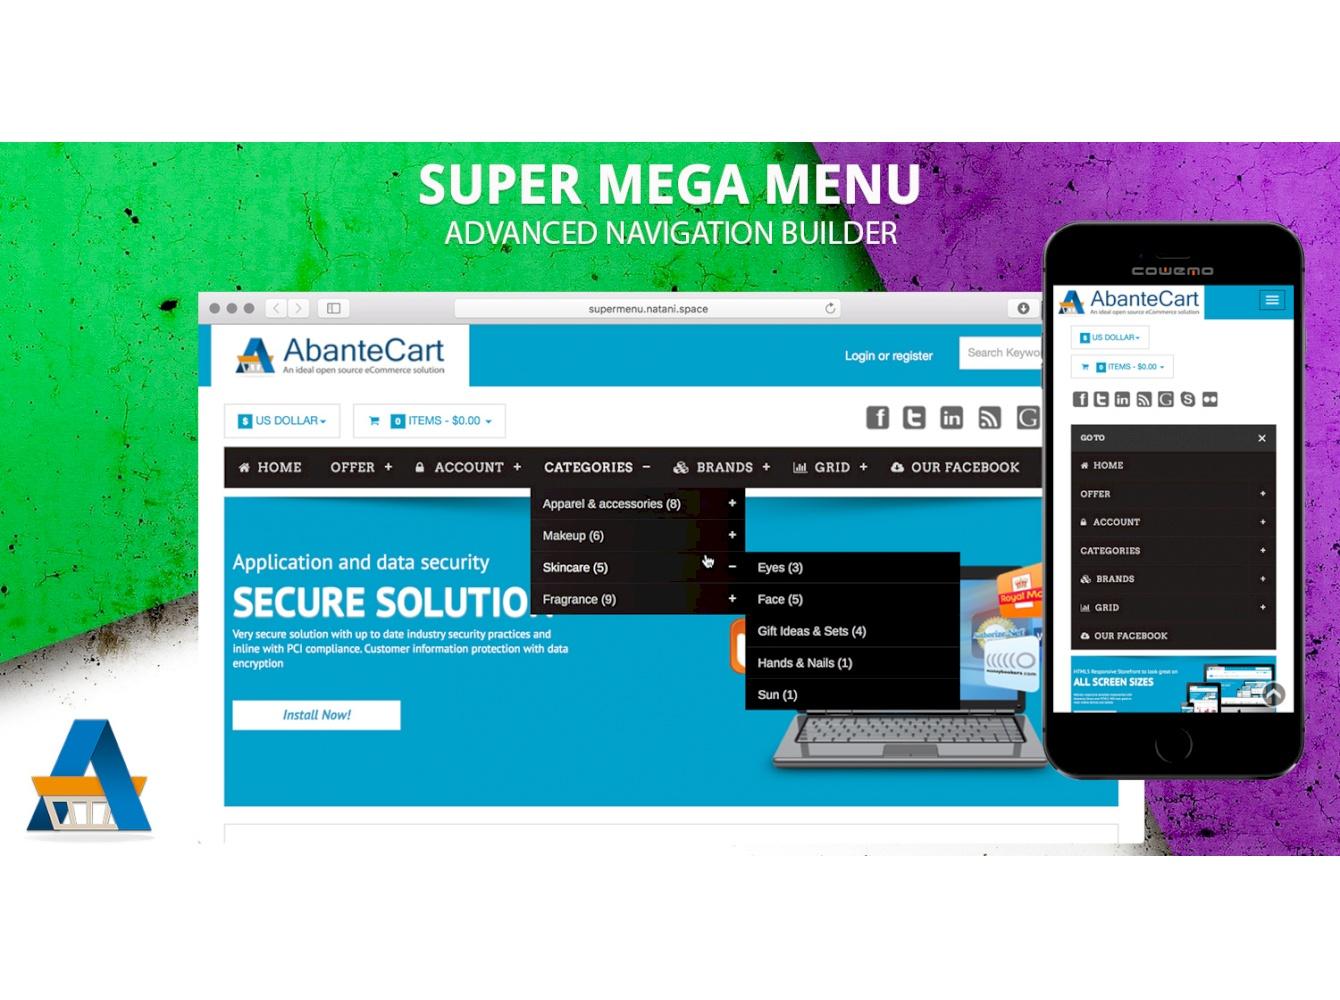 Super Mega menu